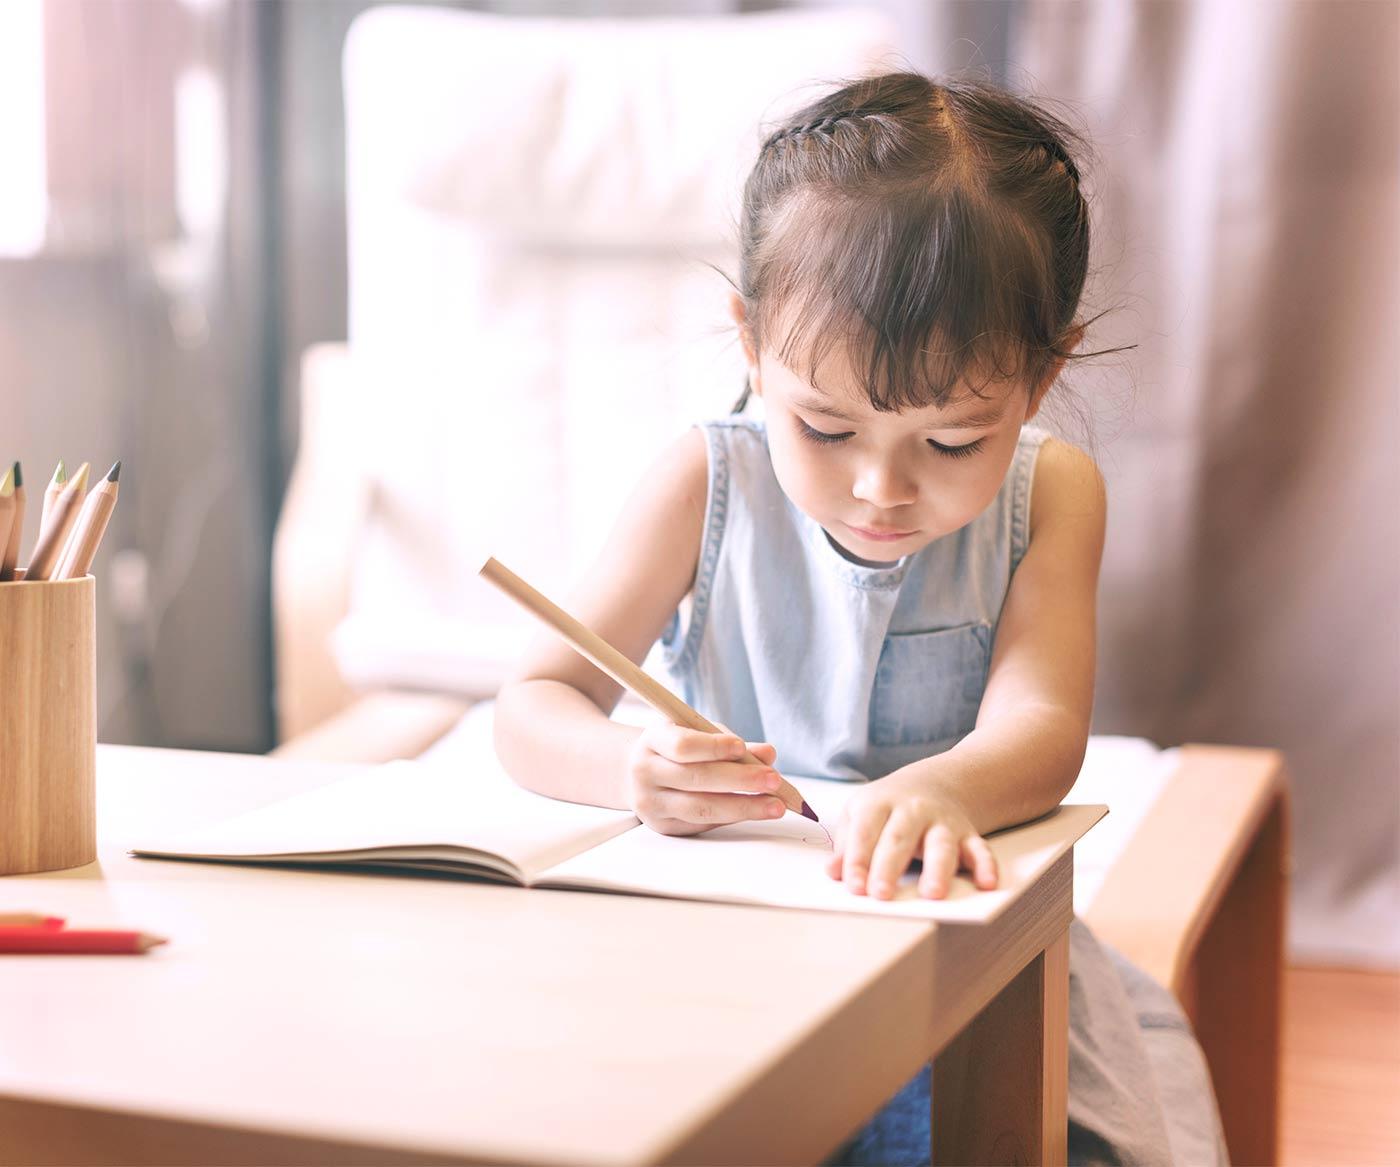 A little girl writing